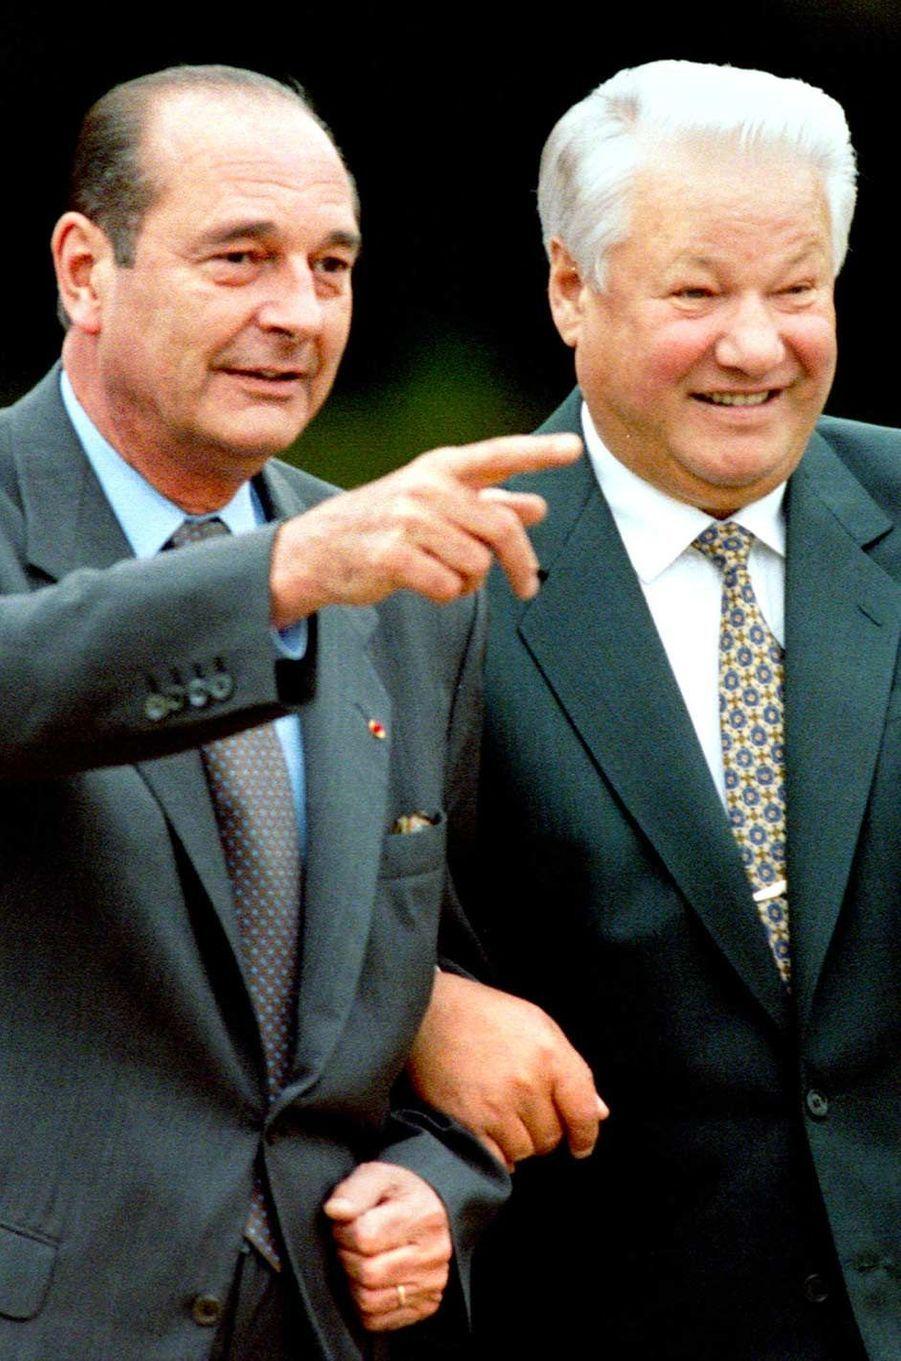 Jacques Chirac et le président russe Boris Eltsine à Rambouillet, en octobre 1995.